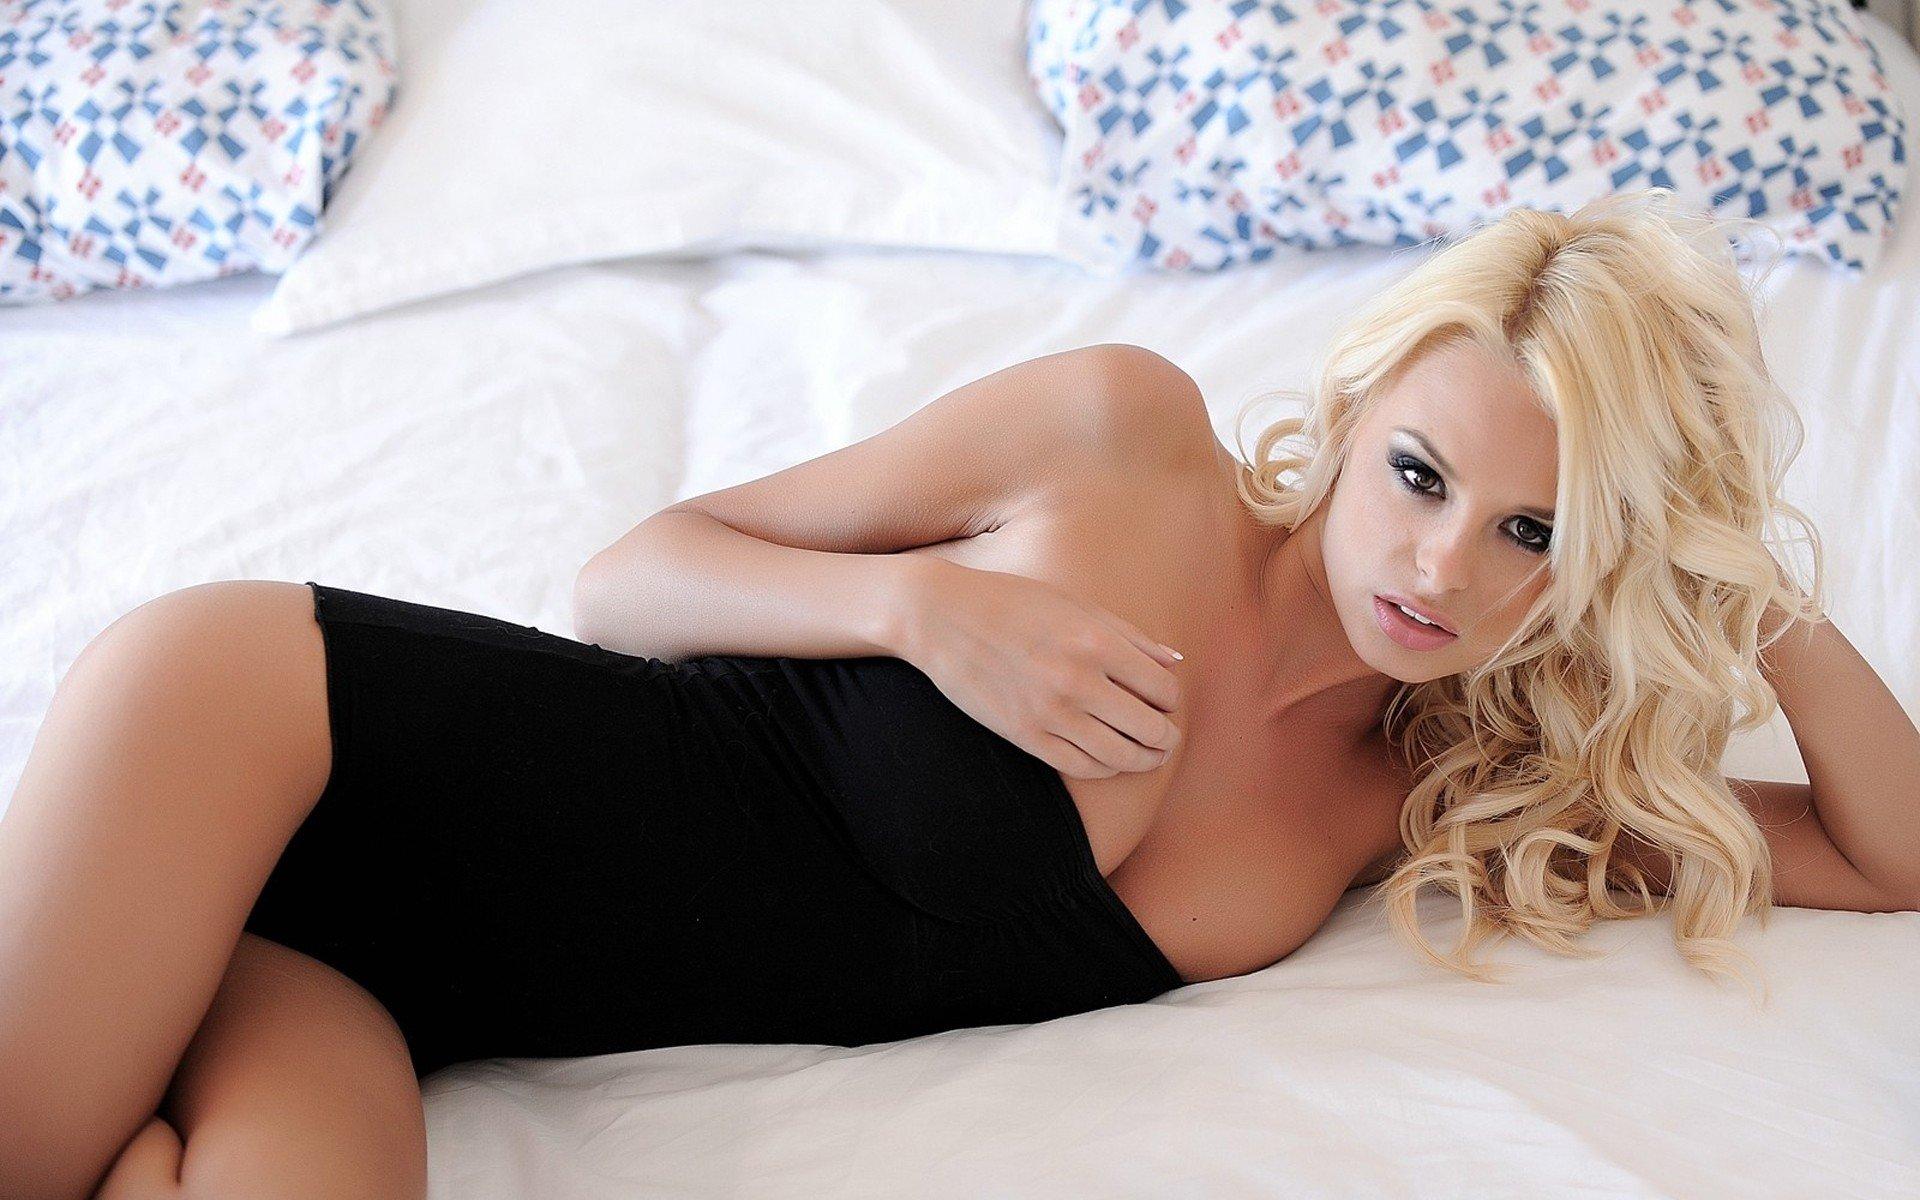 Грудастые голые девочки лежат на кровати фотообои фото 483-521